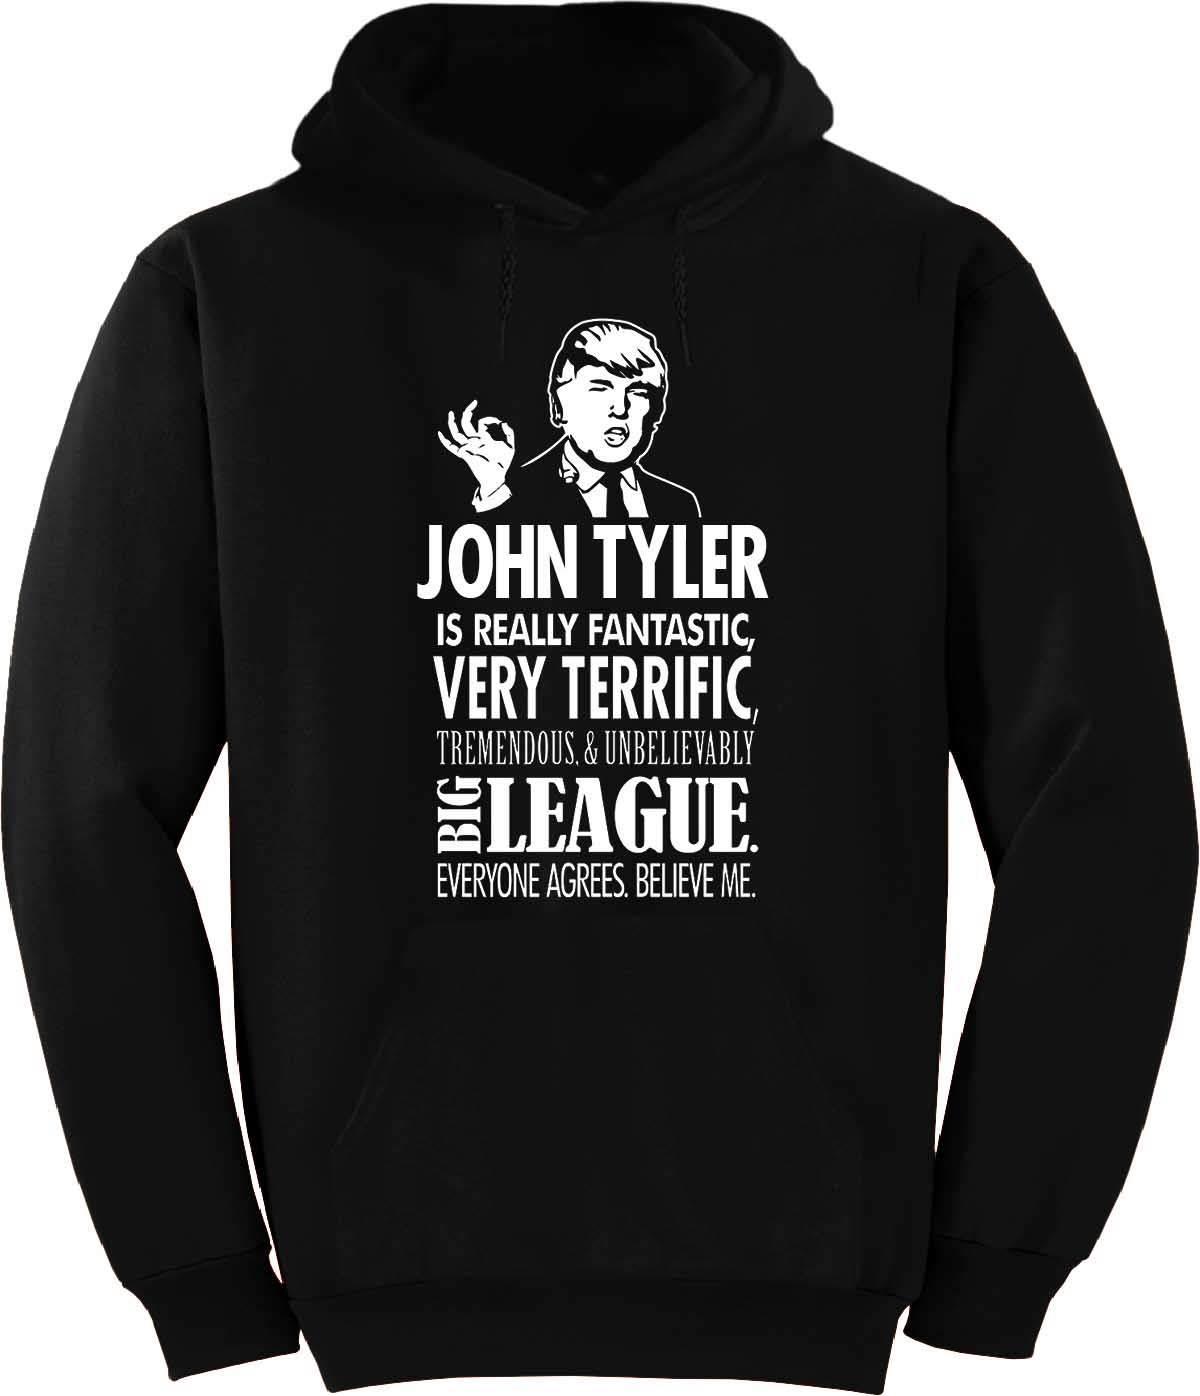 John Tyler Trump Big League Terrific T Shirt 2848